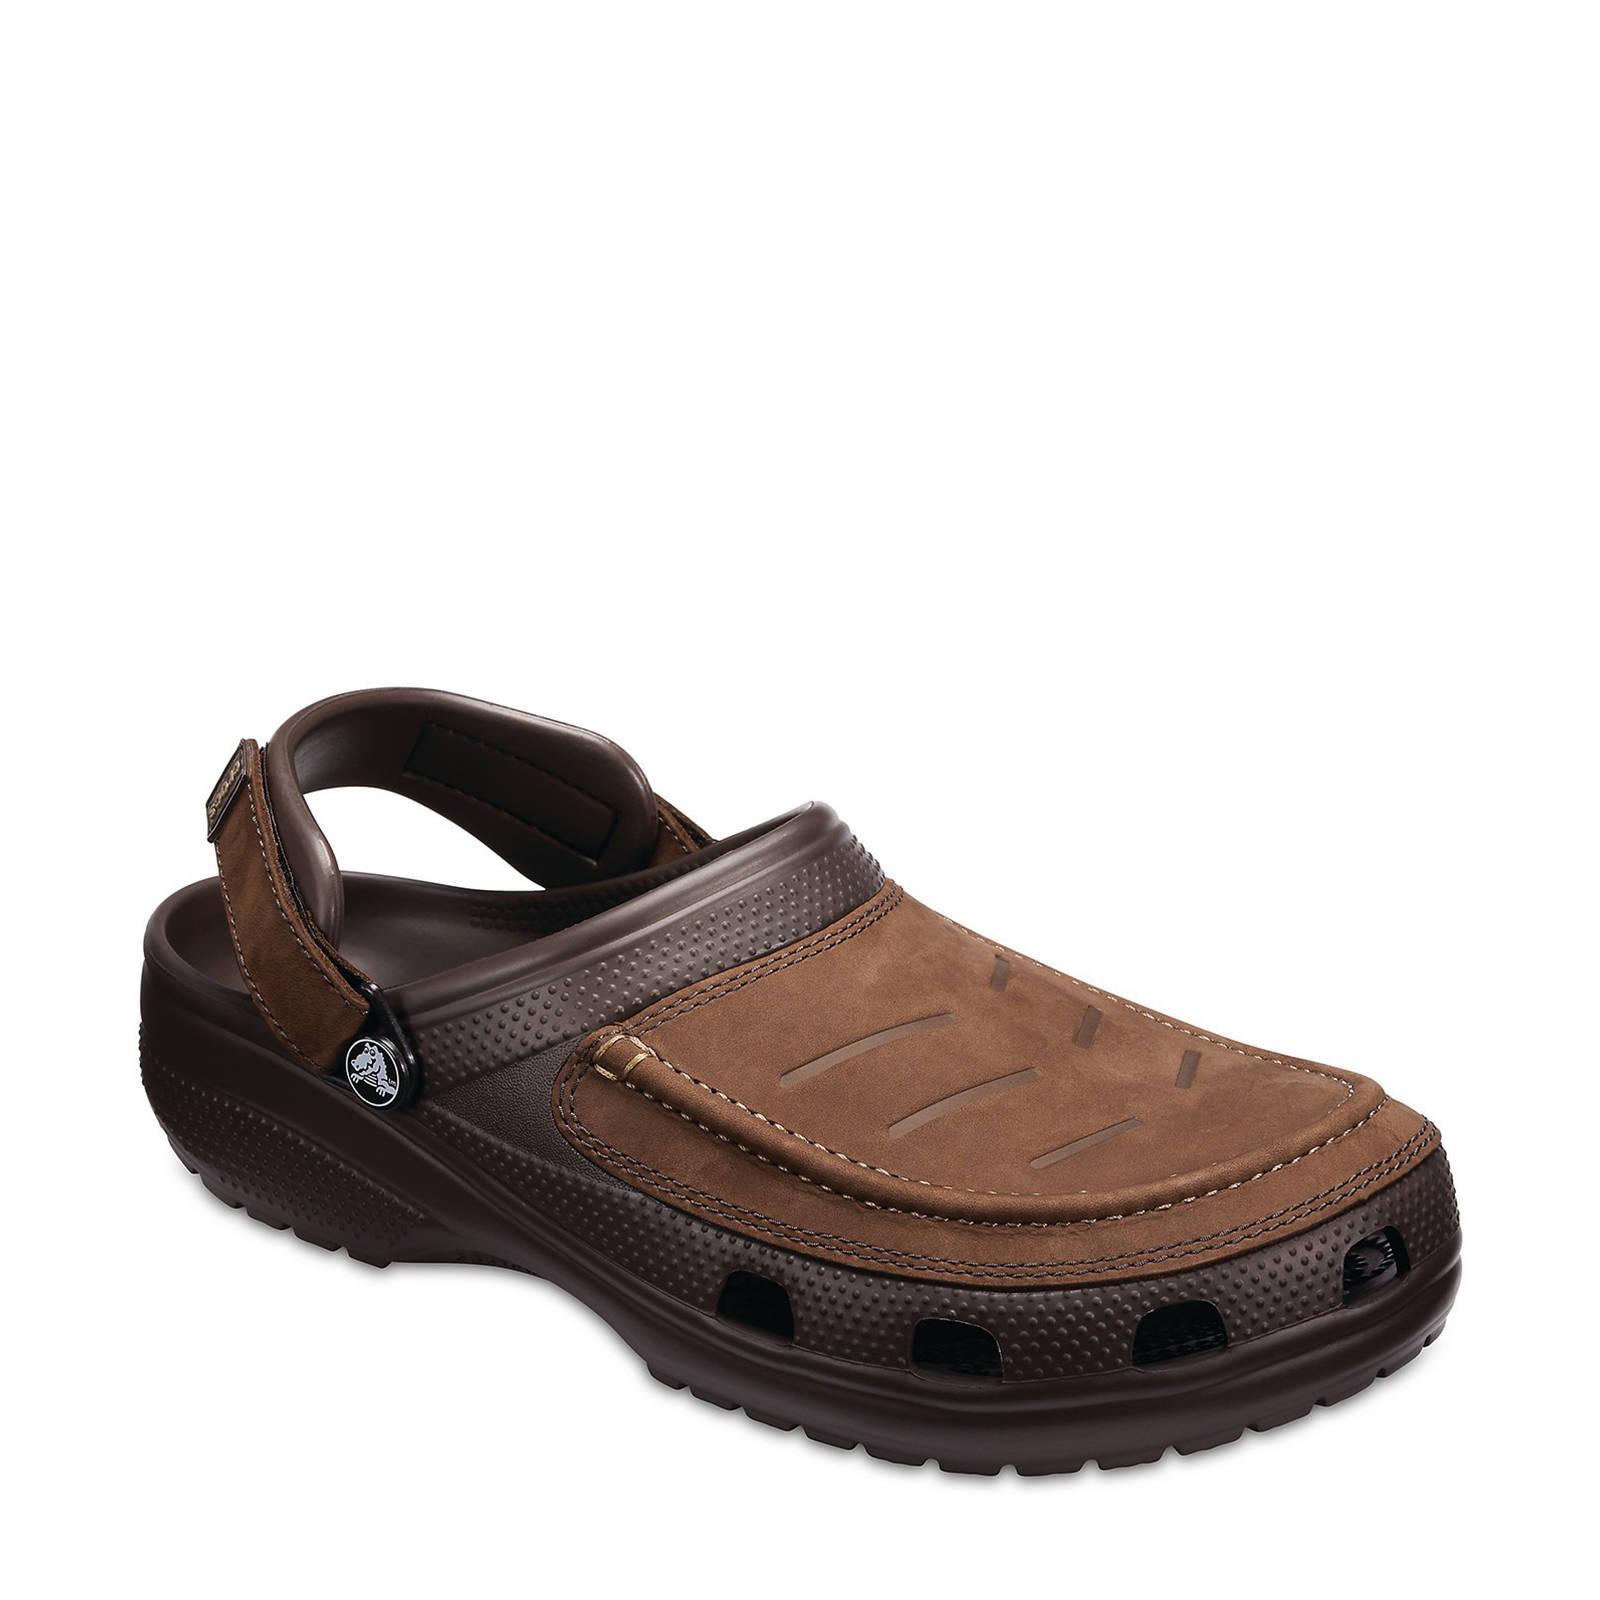 Chaussures Crocs Marron Avec Des Hommes De Fermeture Velcro RDSGL